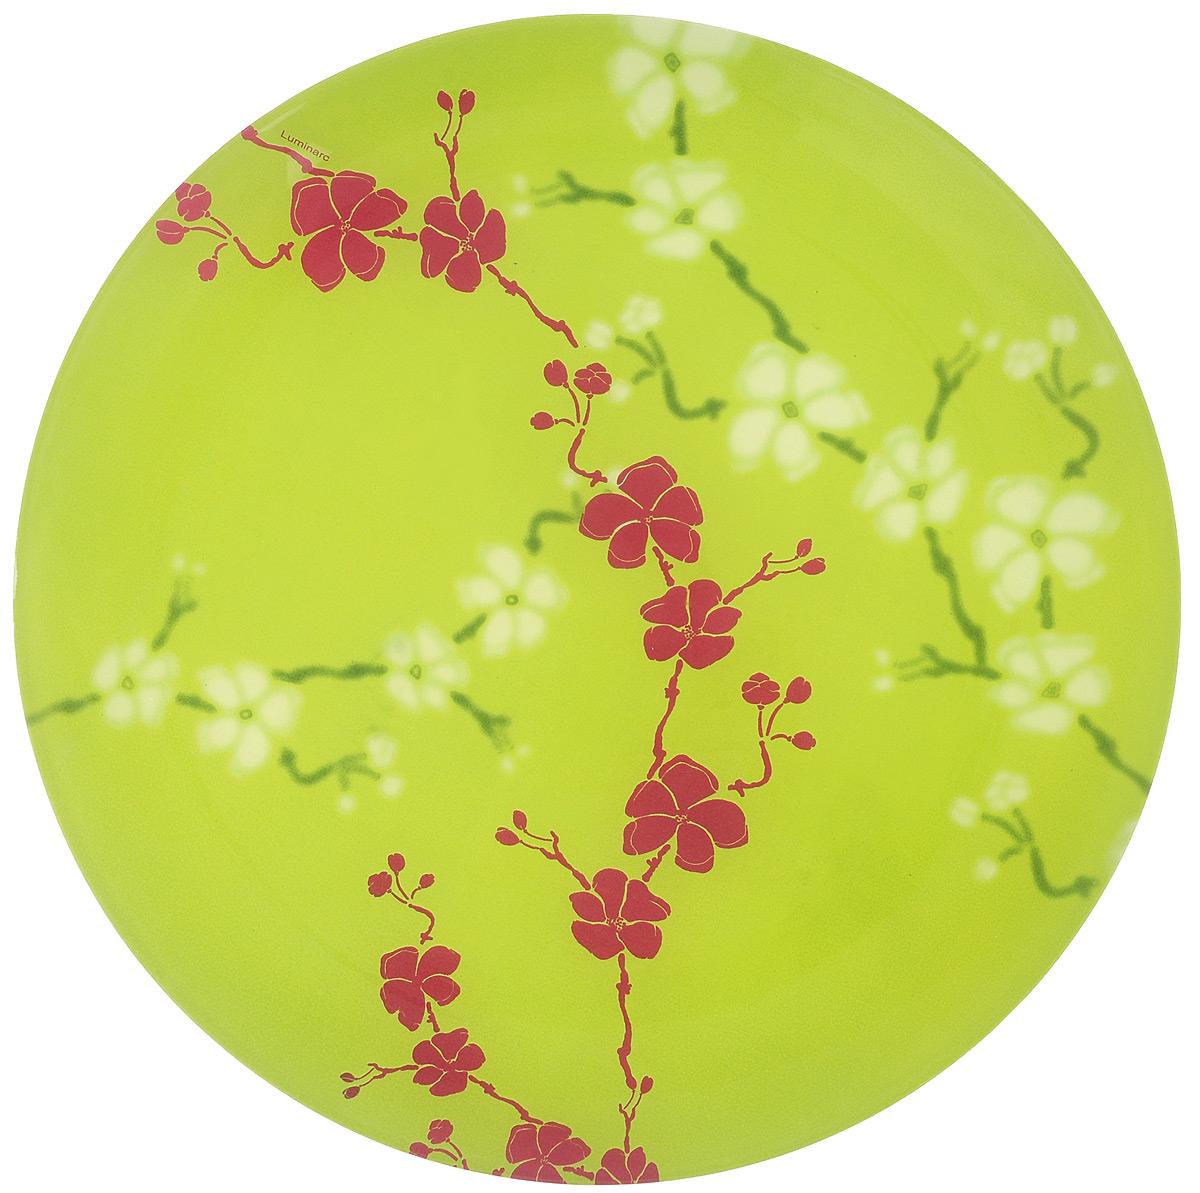 Тарелка обеденная Luminarc Kashima Green, диаметр 25 смG9326Обеденная тарелка Luminarc Kashima Green изготовлена из высококачественного ударопрочного стекла. Тарелка декорирована красочным контрастным цветочным рисунком. Яркий дизайн придется по вкусу и ценителям классики, и тем, кто предпочитает утонченность. Такая тарелка прекрасно подходит как для торжественных случаев, так и для повседневного использования. Предназначена для подачи вторых блюд. Можно использовать в СВЧ и мыть в посудомоечной машине.Диаметр тарелки: 25 см.Высота тарелки: 2 см.